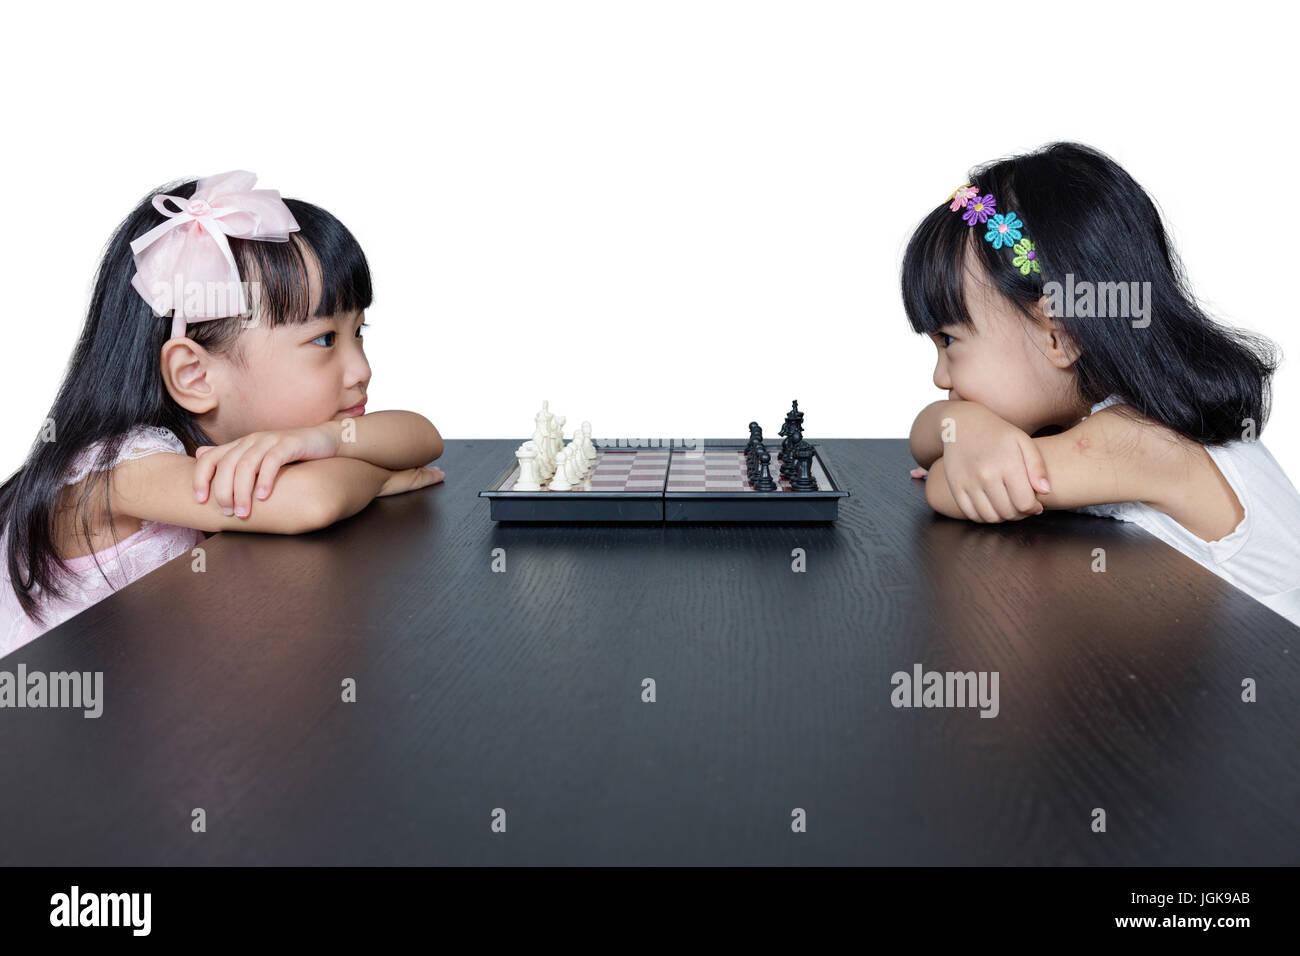 Chino Asia hermanitas jugando ajedrez juntos en casa. Foto de stock